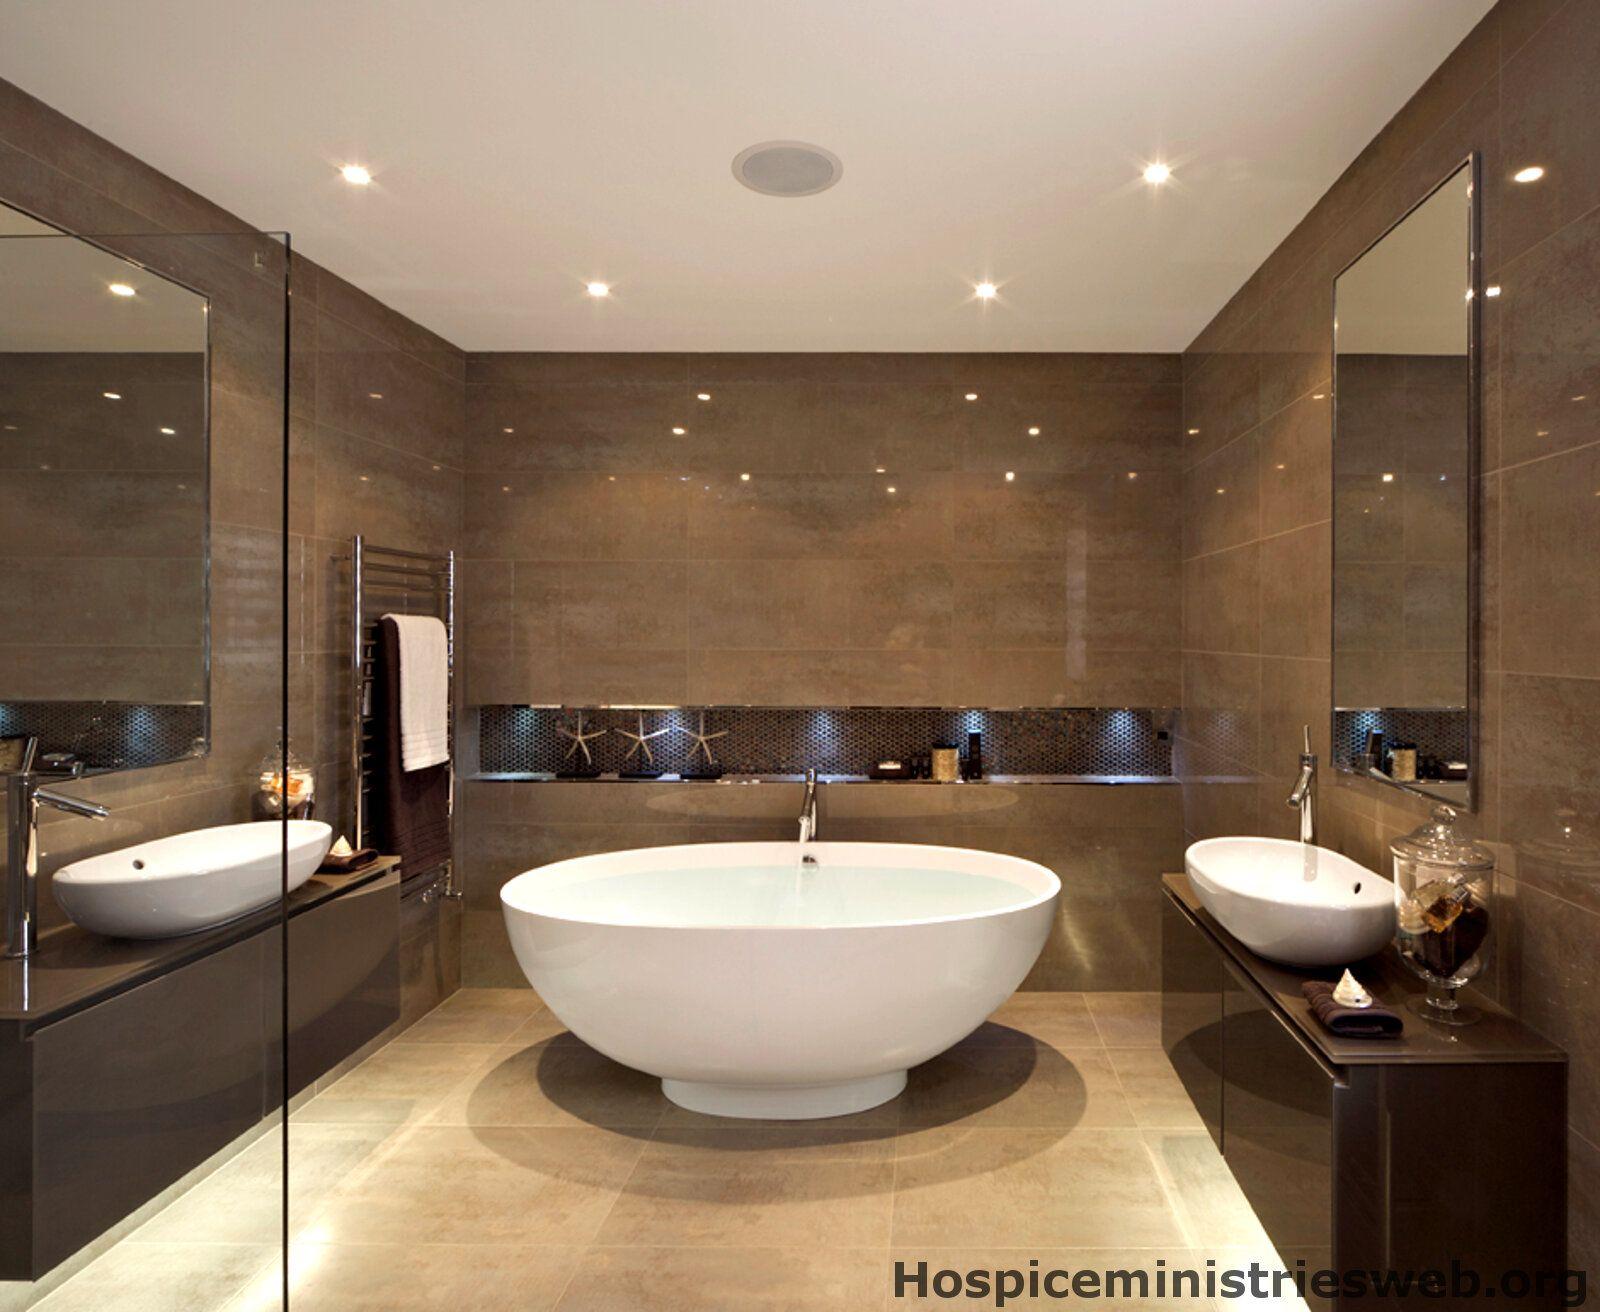 35 Ideen fr Badezimmer Braun Beige Wohn Ideen  Home in 2019  Badezimmer braun Badezimmer